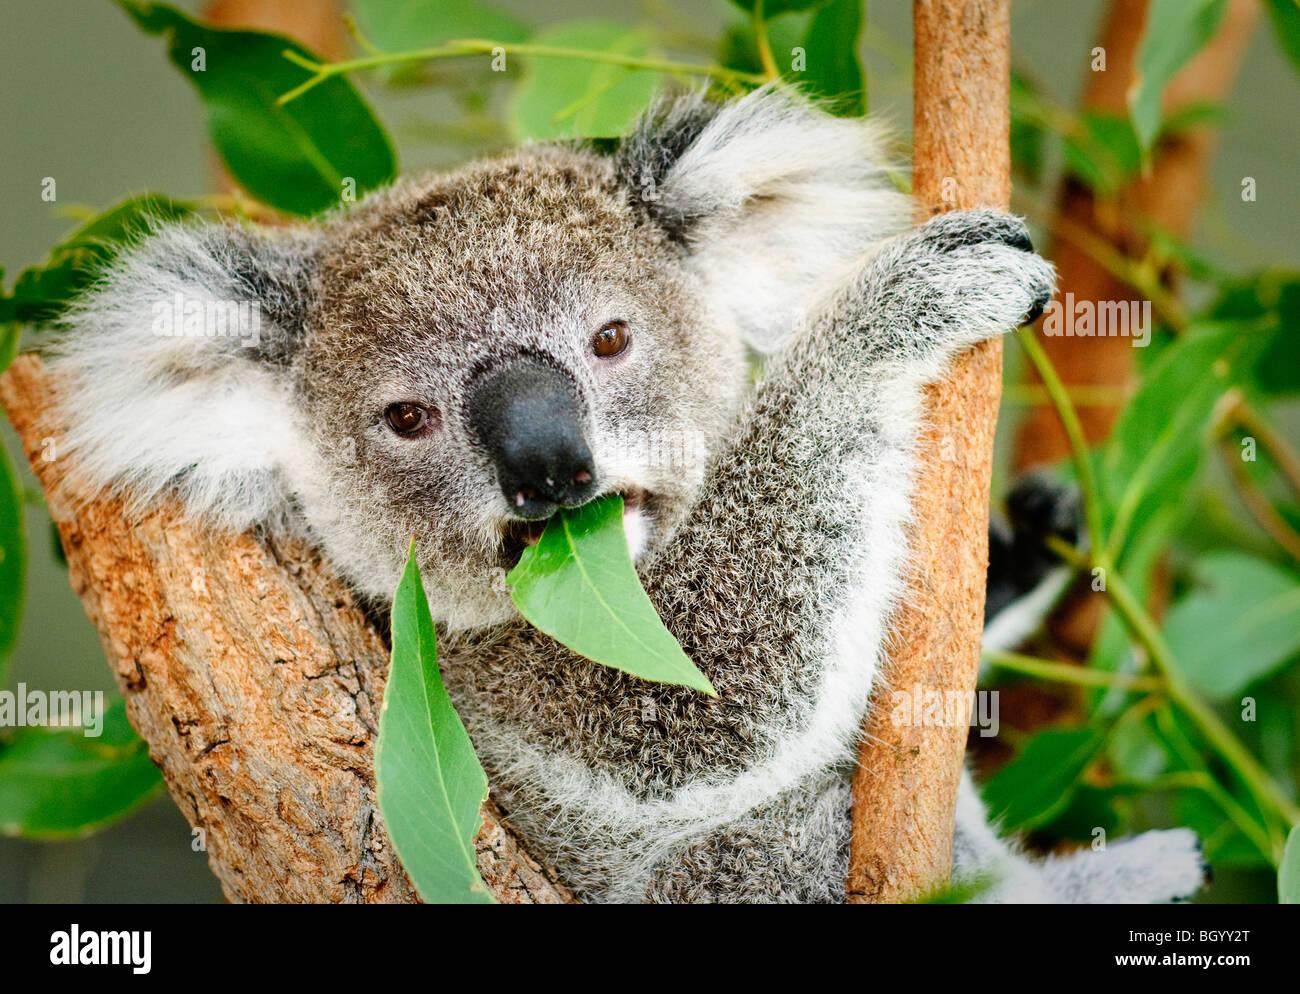 Un koala seduto in un albero a mangiare una foglia di gomma e di guardare direttamente la fotocamera. Immagini Stock